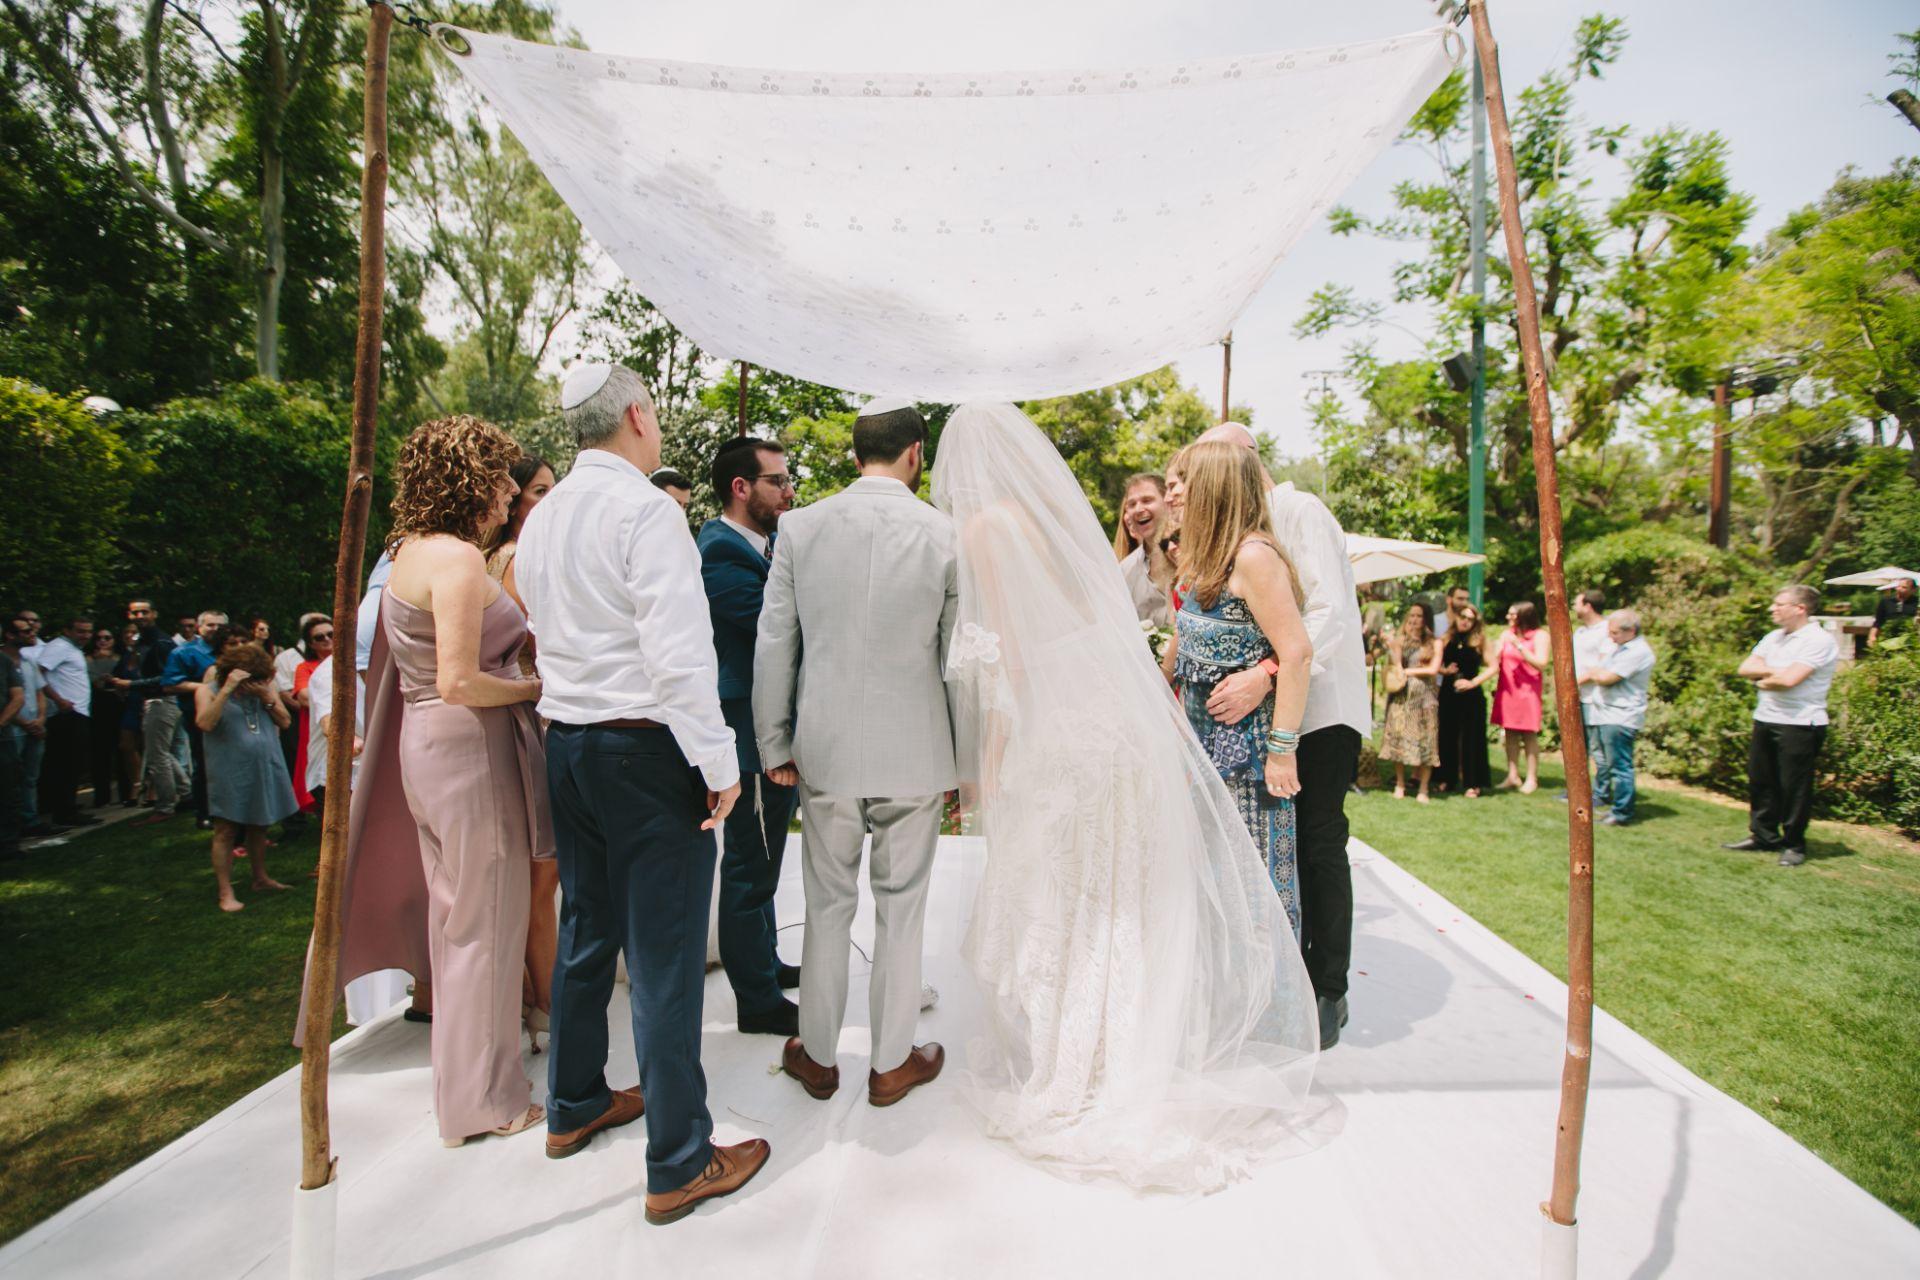 מהכנסת אל היער: החתונה הכפרית של דניה ועומרי